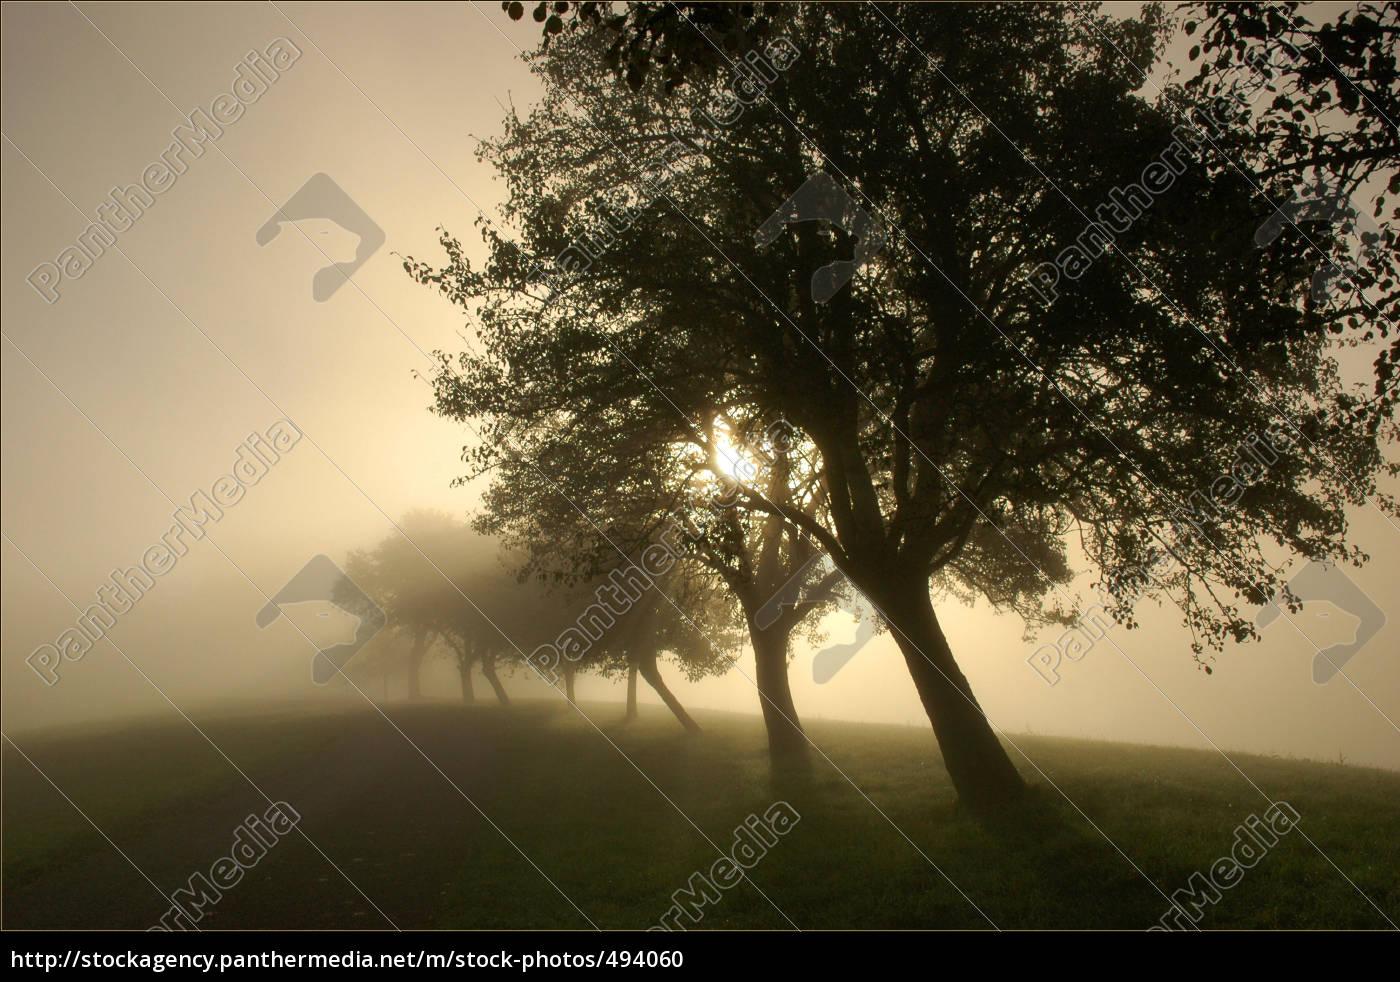 avenue, in, mist - 494060